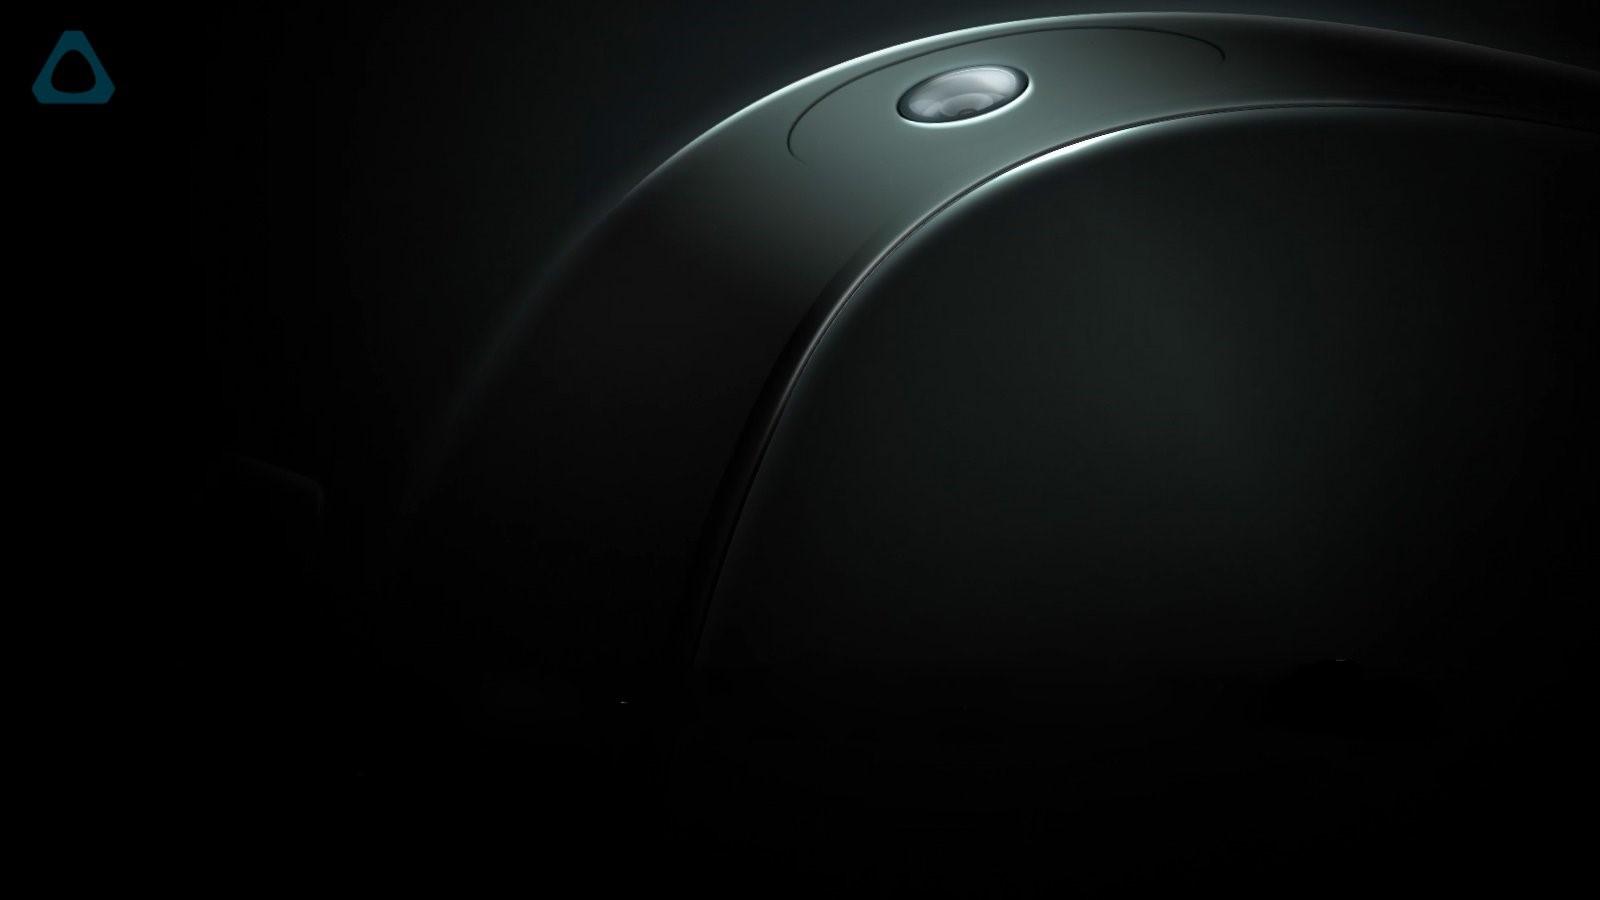 HTC zeigt Hinweise auf ihre neue VR Brille. Update: Sie wird auf der Vivecon am 12.-13. Mai gezeigt.